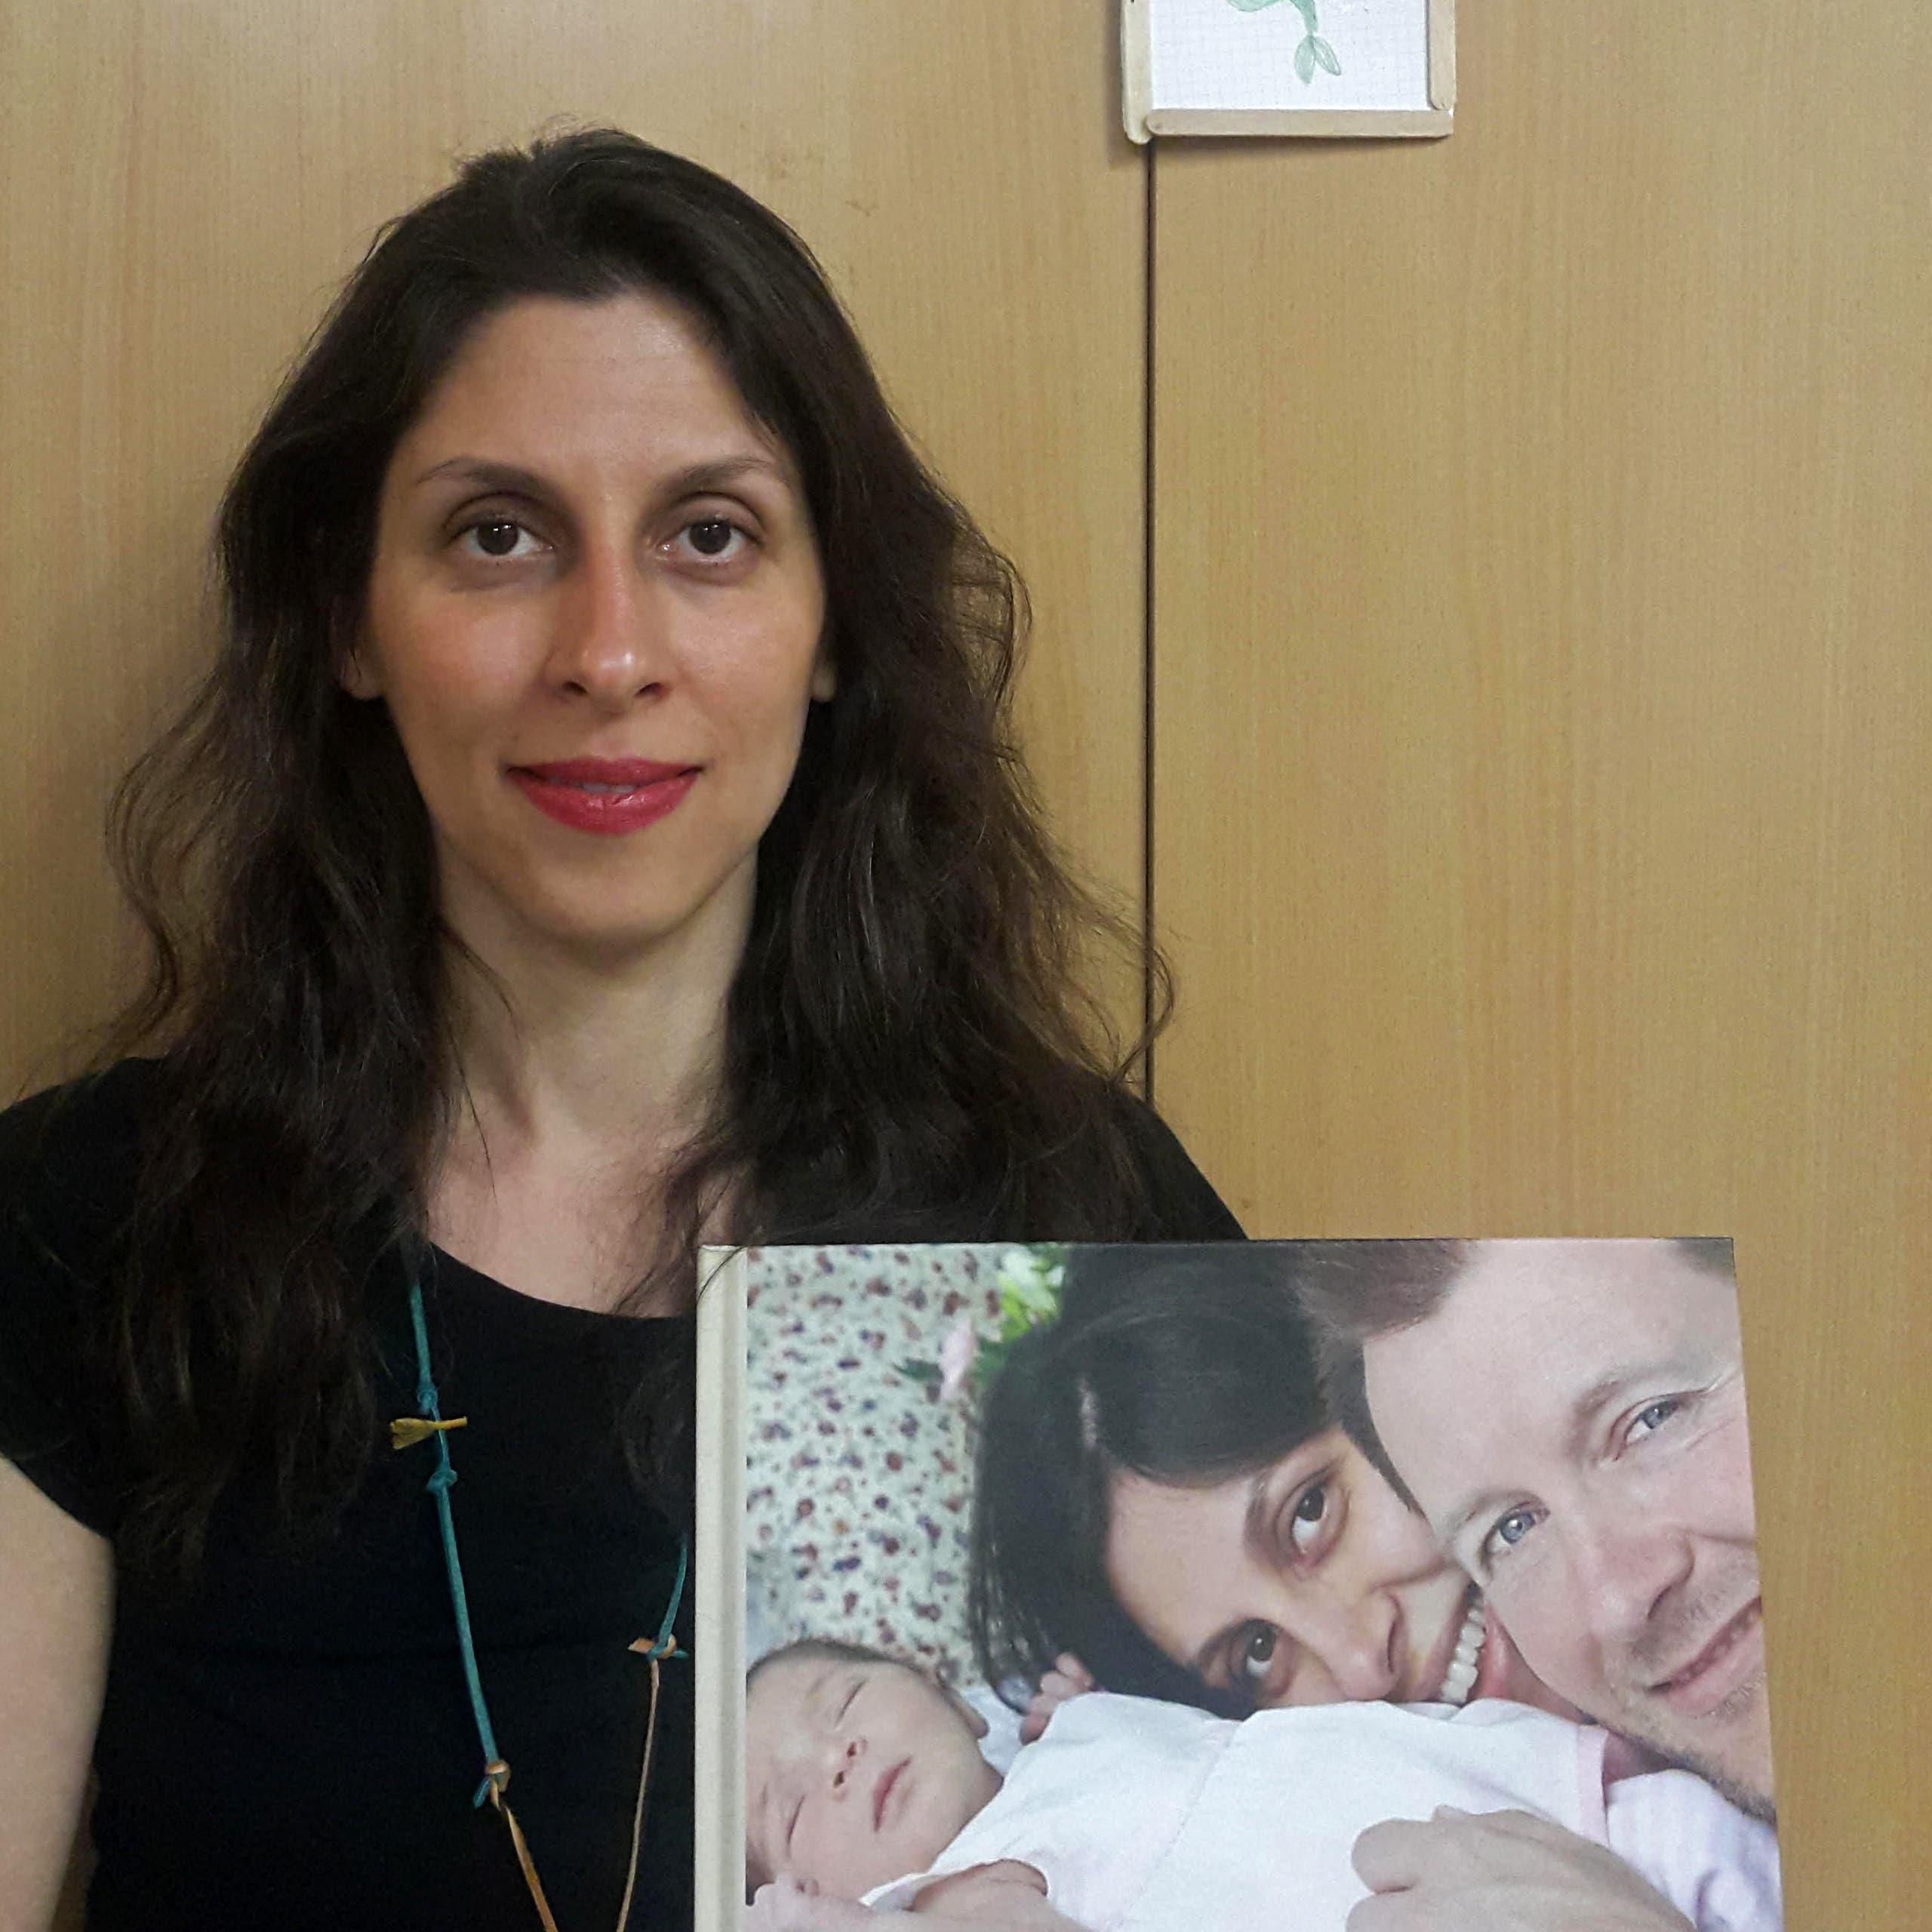 زوج محتجزة بريطانية: نازنين أصبحت ورقة مساومة بيد إيران